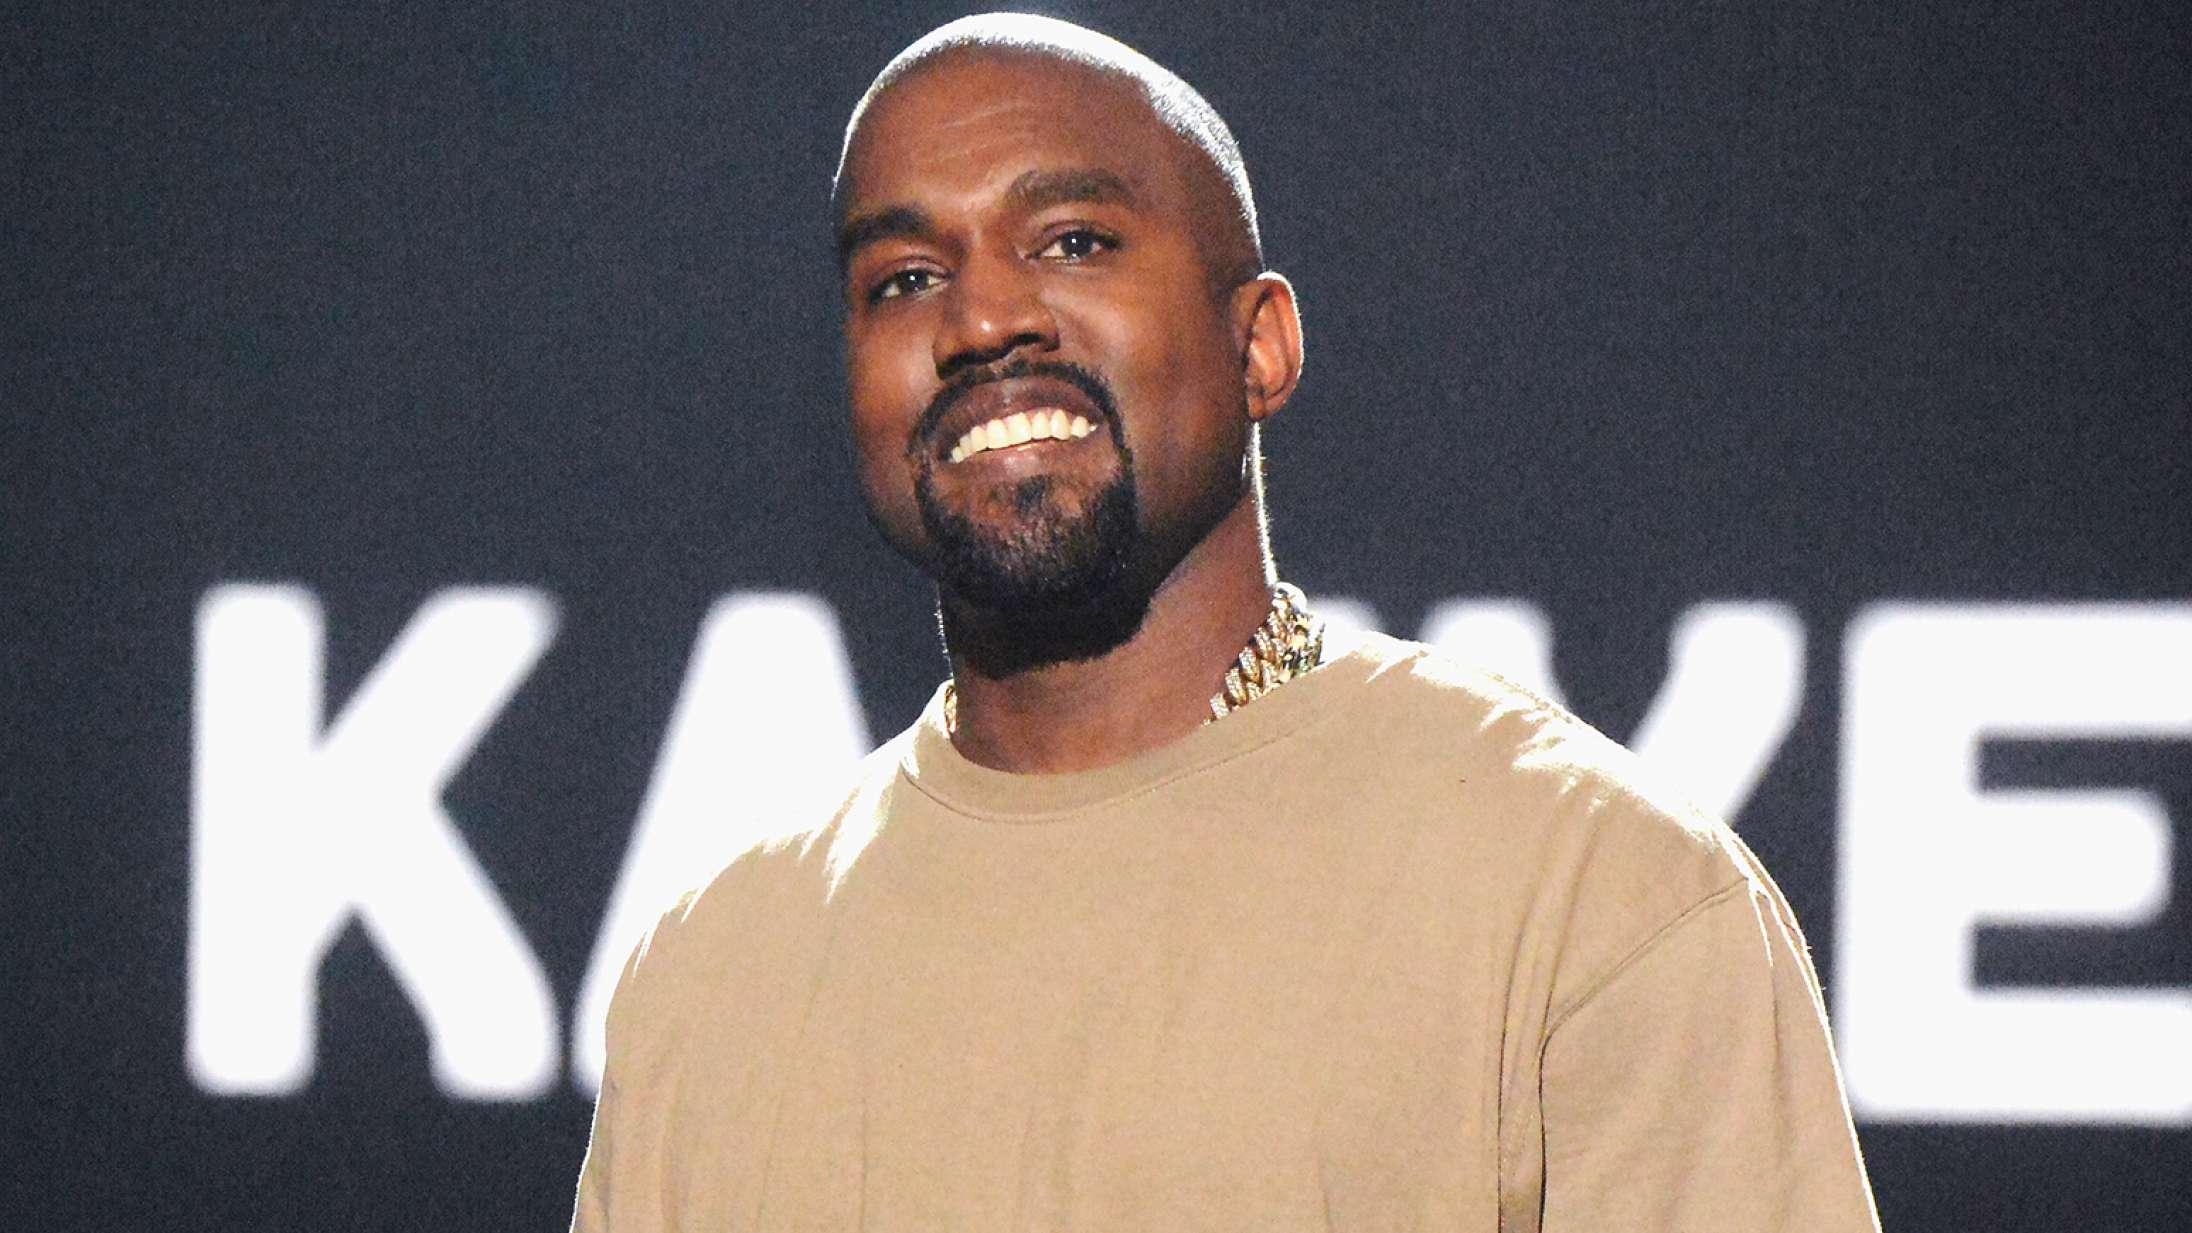 Kanye West annoncerer sit kandidatur til præsidentvalget 2020